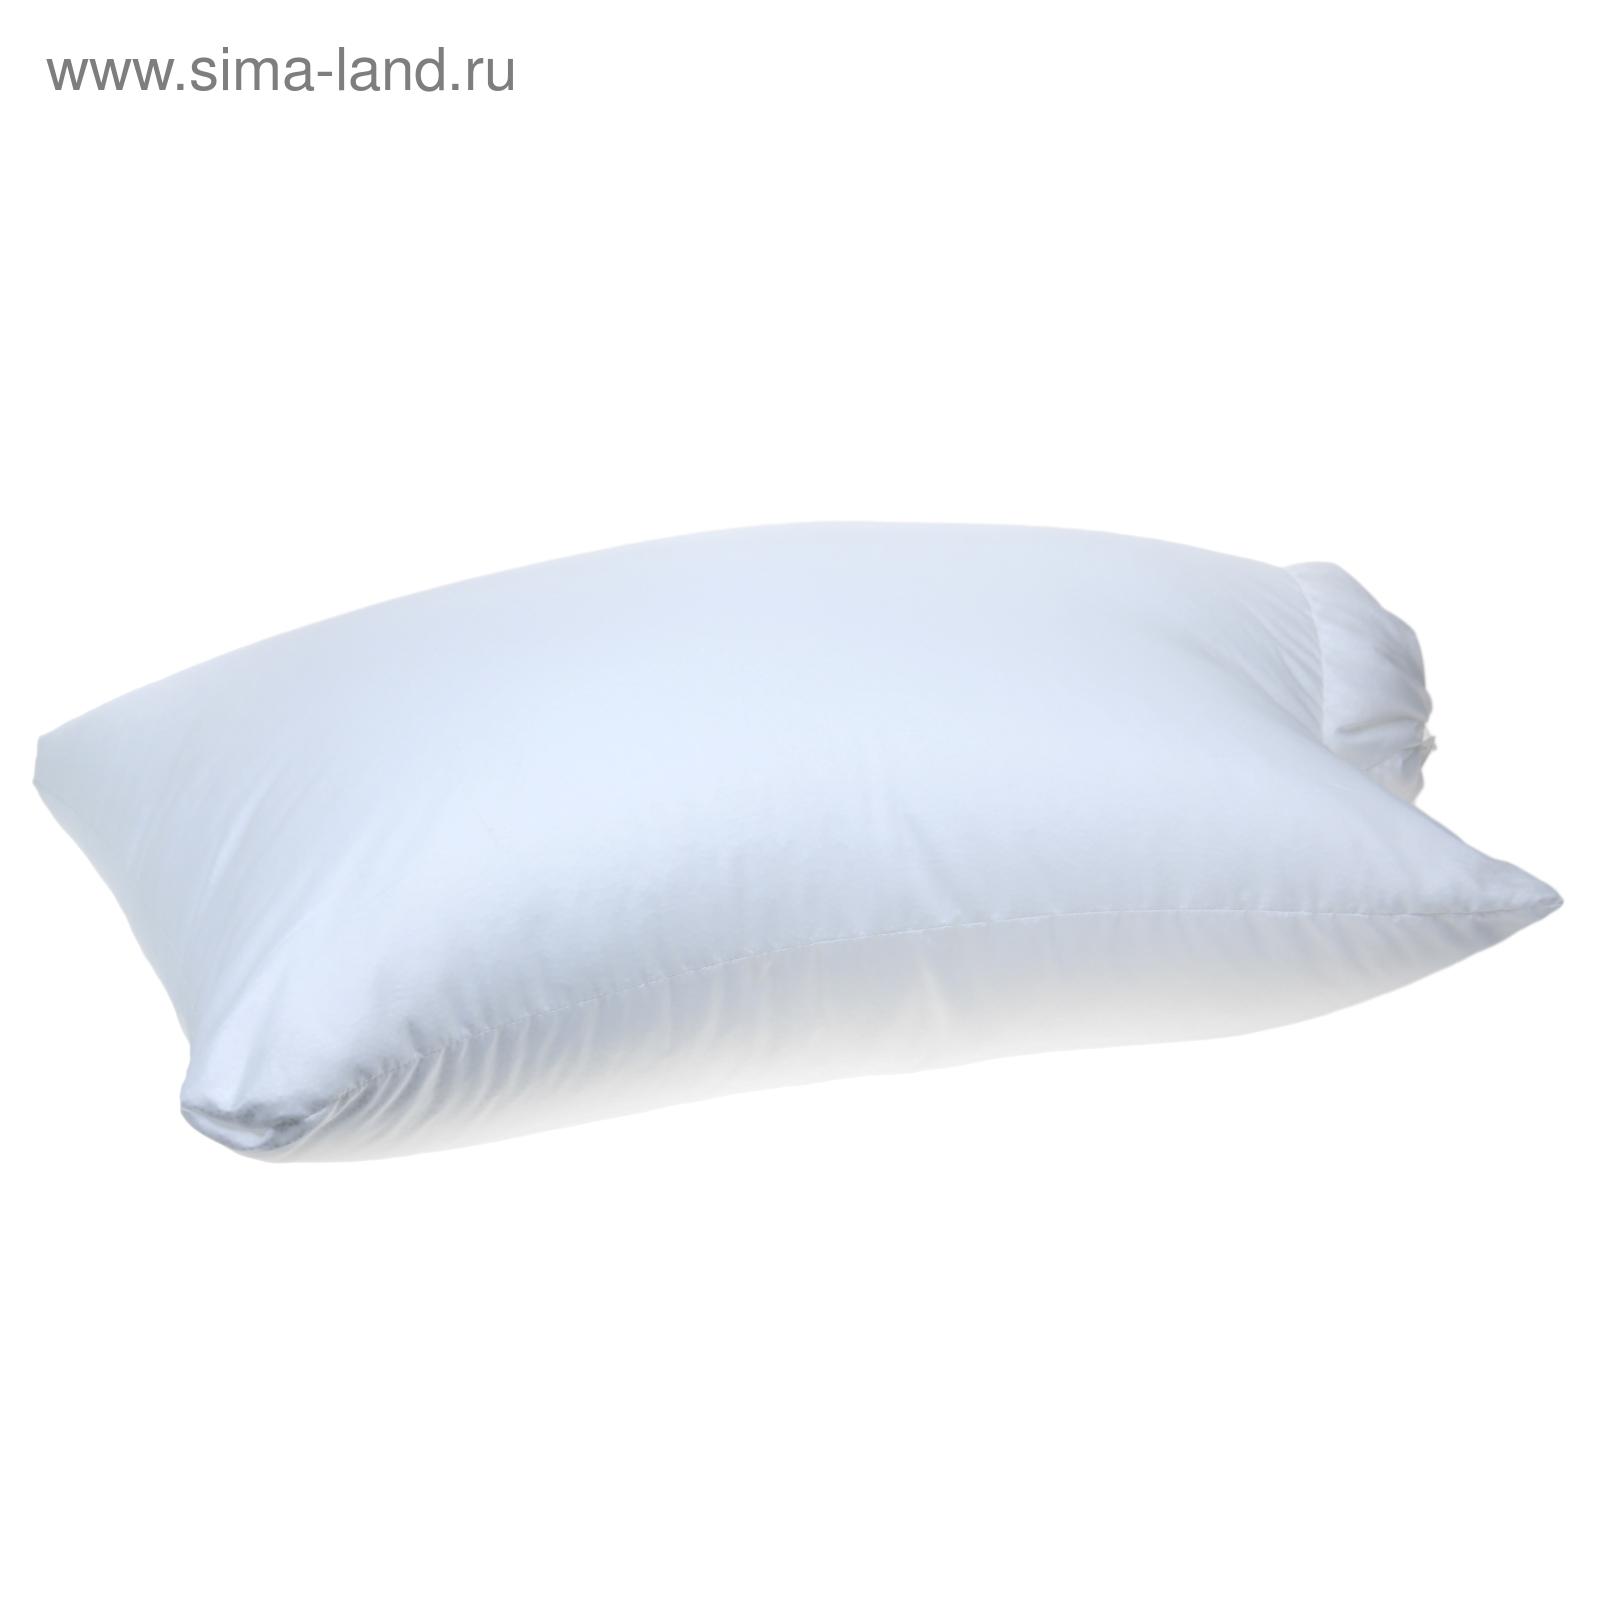 Наполнитель TAFETTA в упаковке, цвет белый (1187512) - Купить по ... 0aee081d132